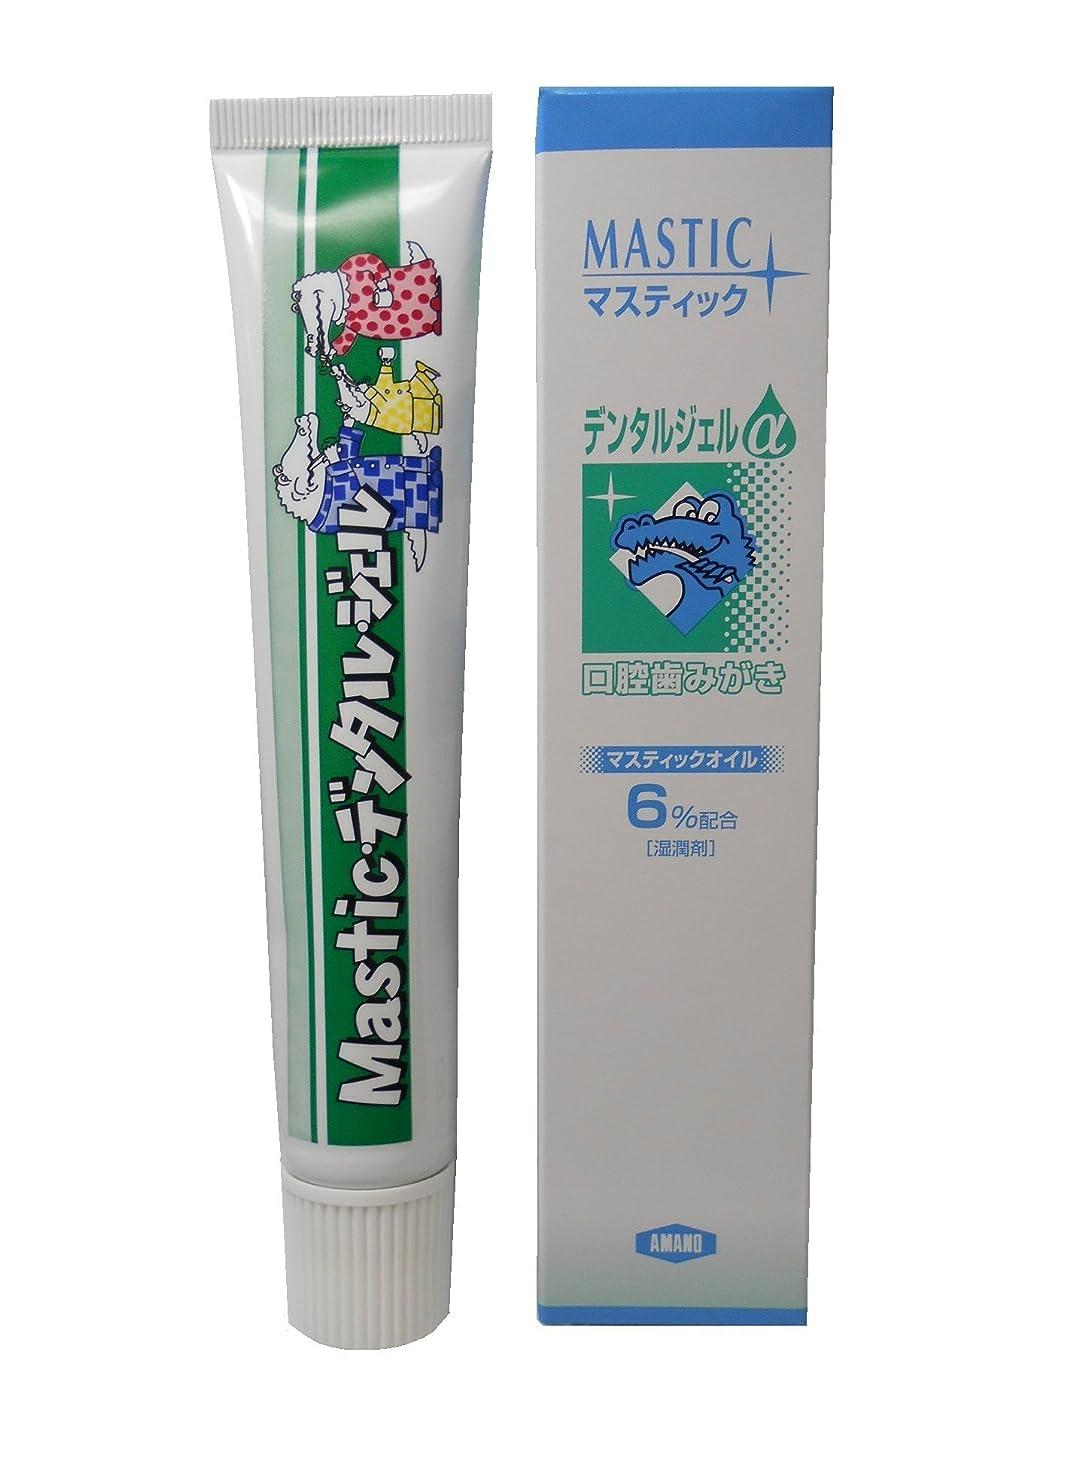 汚れた頑丈枯渇MASTIC マスティックデンタルジェルα45g(6%配合)+MASTIC デンタルエッセンスジェルMSローヤルⅡ増量50g(10%配合)お試しセット